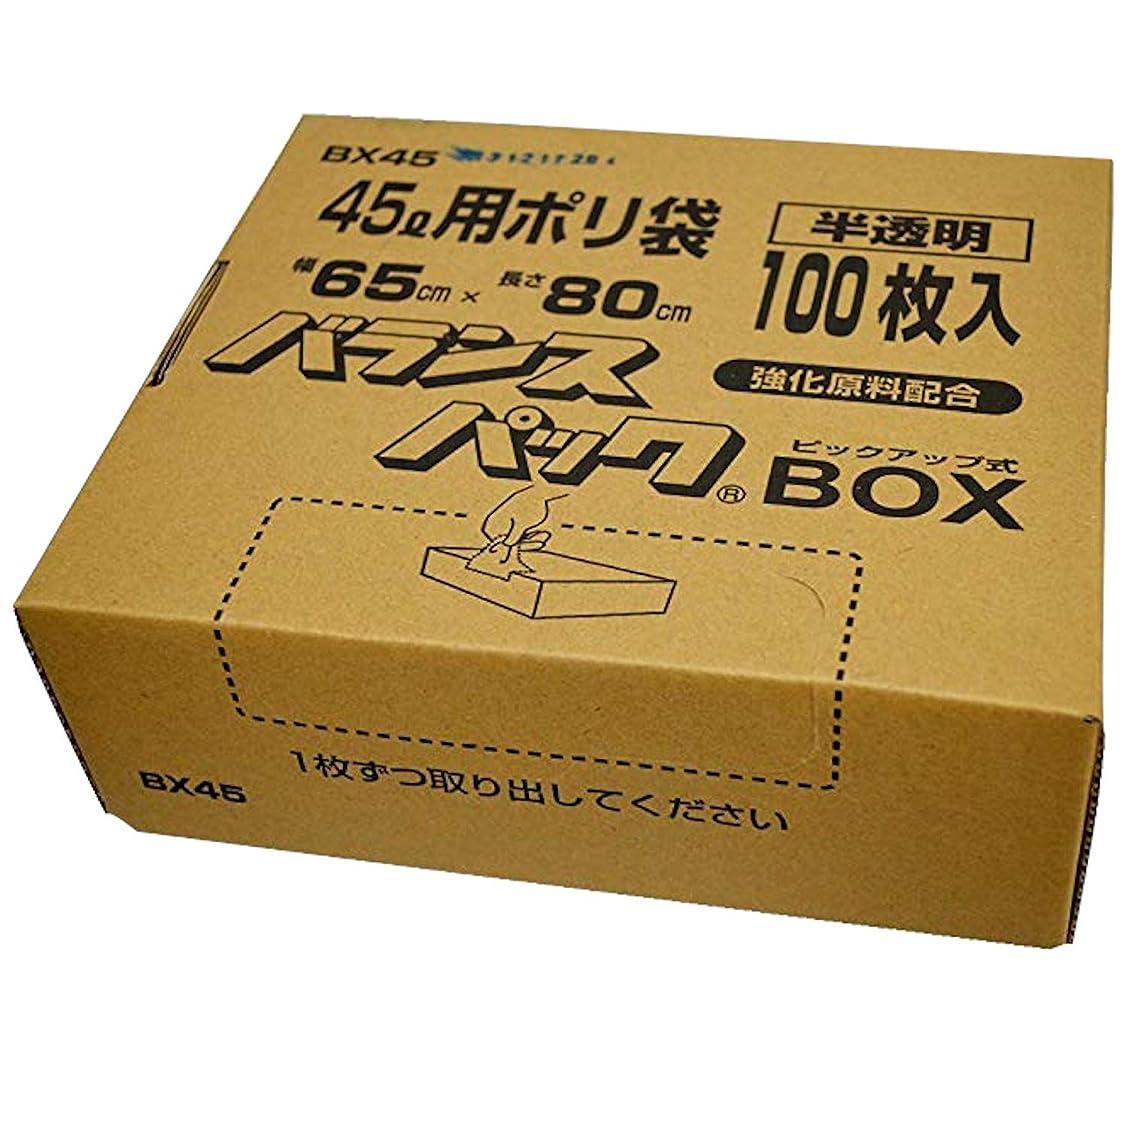 メディック寂しい許すオルディ ゴミ袋 45L 半透明 厚さ0.018mm 収納に便利な 箱入り ポリ袋 BX45 100枚入